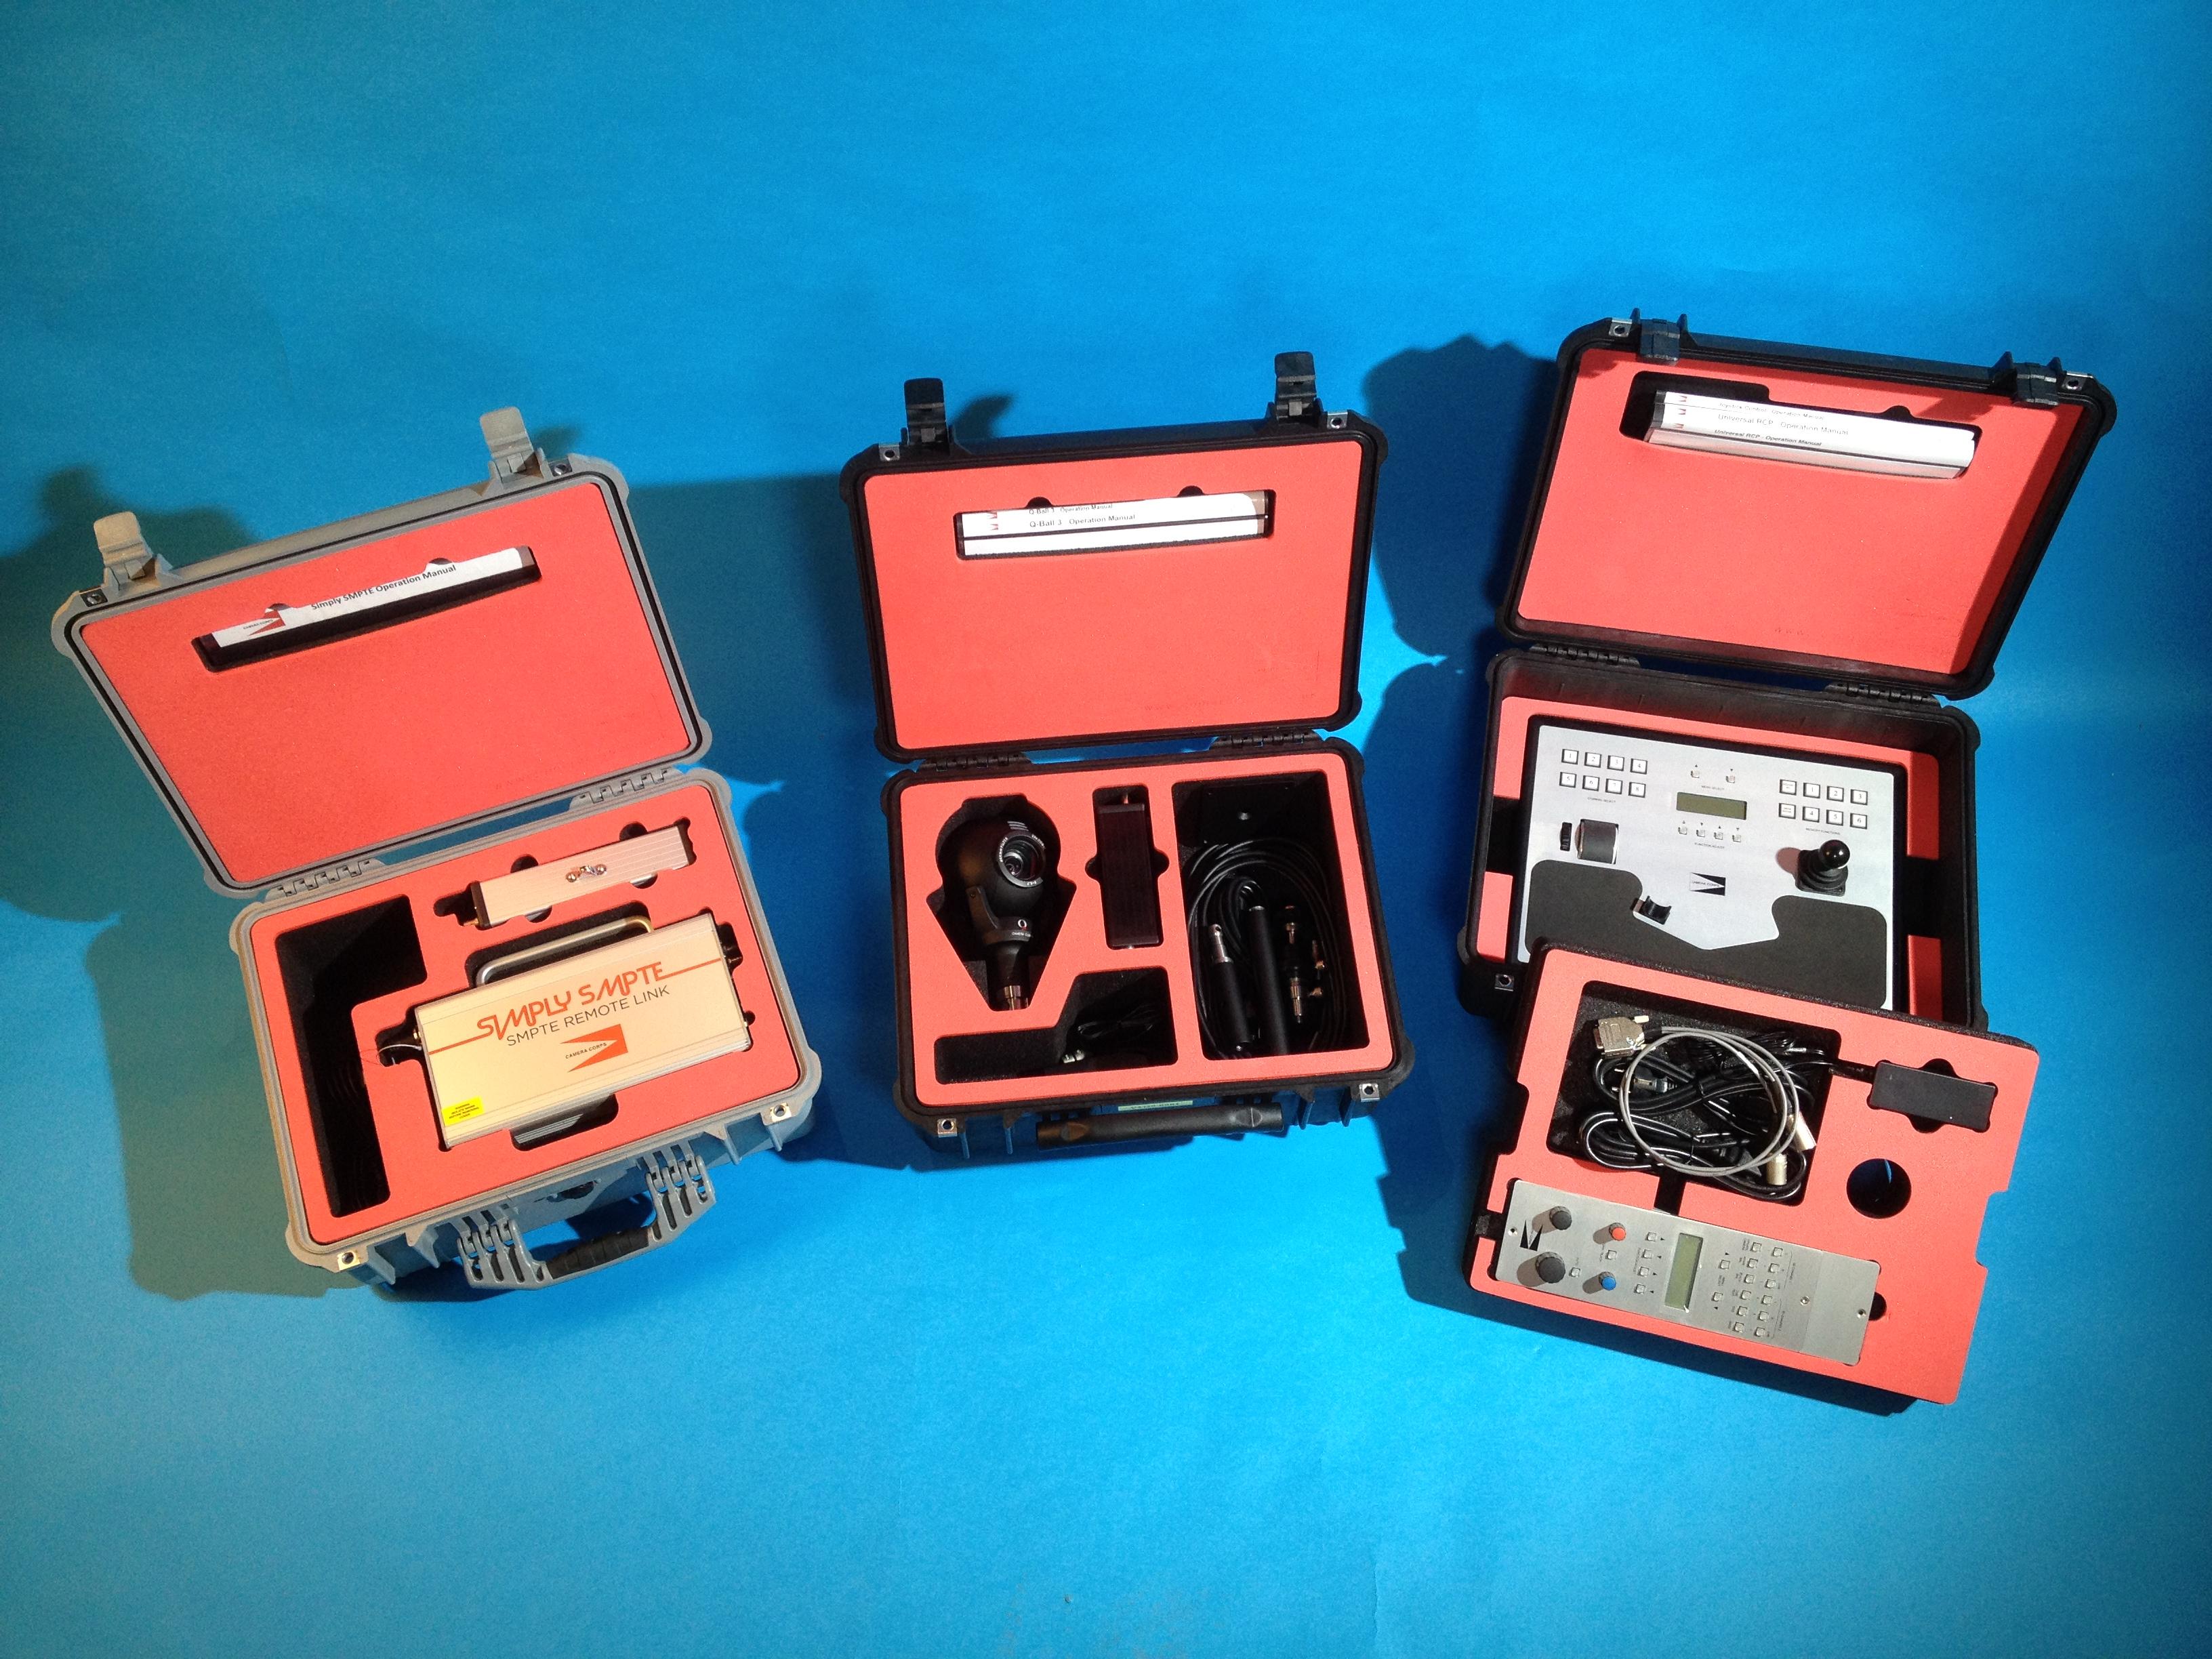 qball-q3&joystick&rcprackmount&enlacesmpte